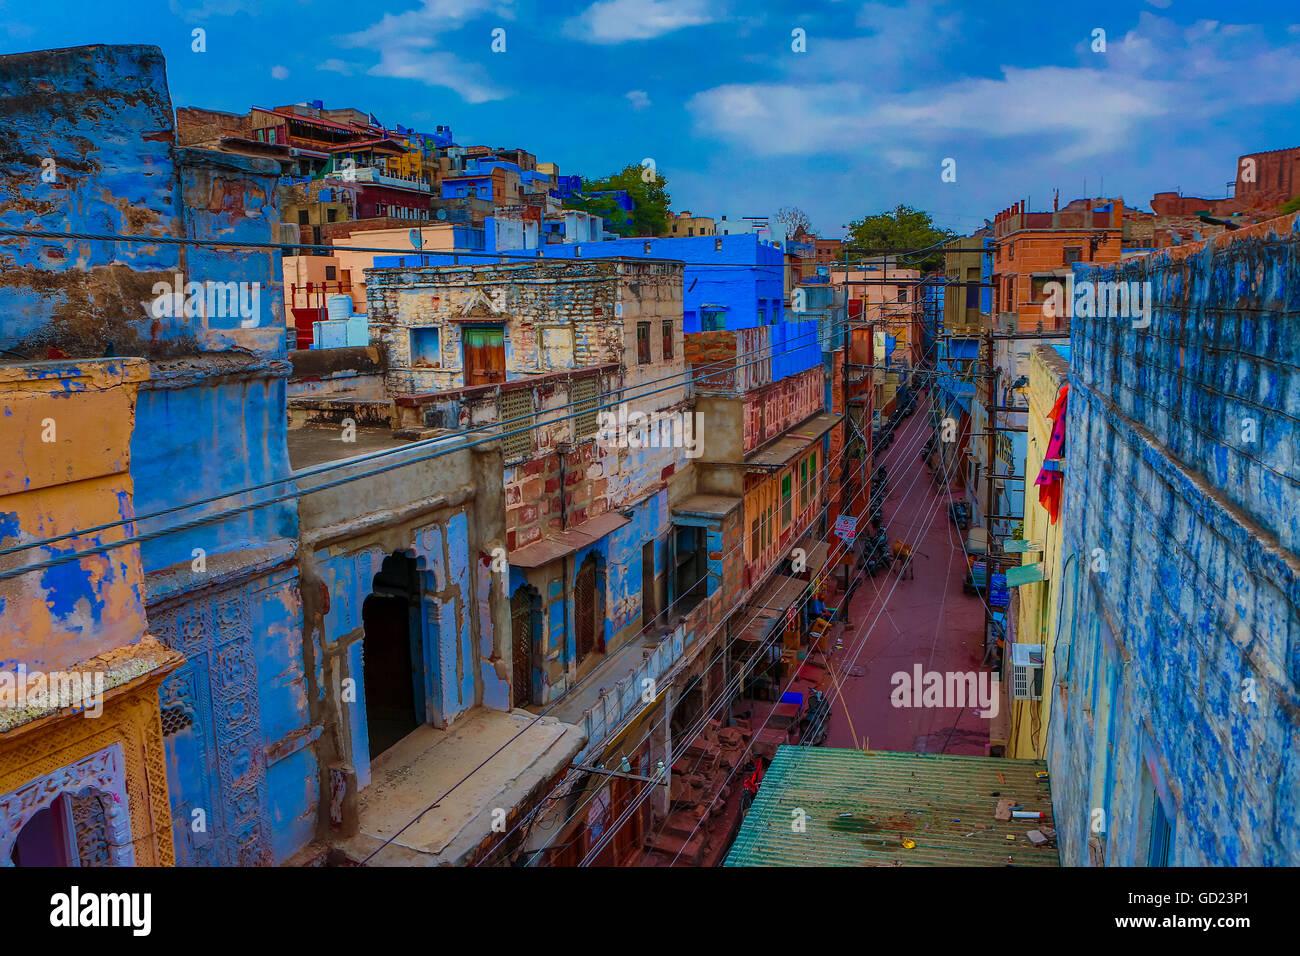 Los tejados azules en Jodhpur, la ciudad azul, Rajastán, India, Asia Imagen De Stock